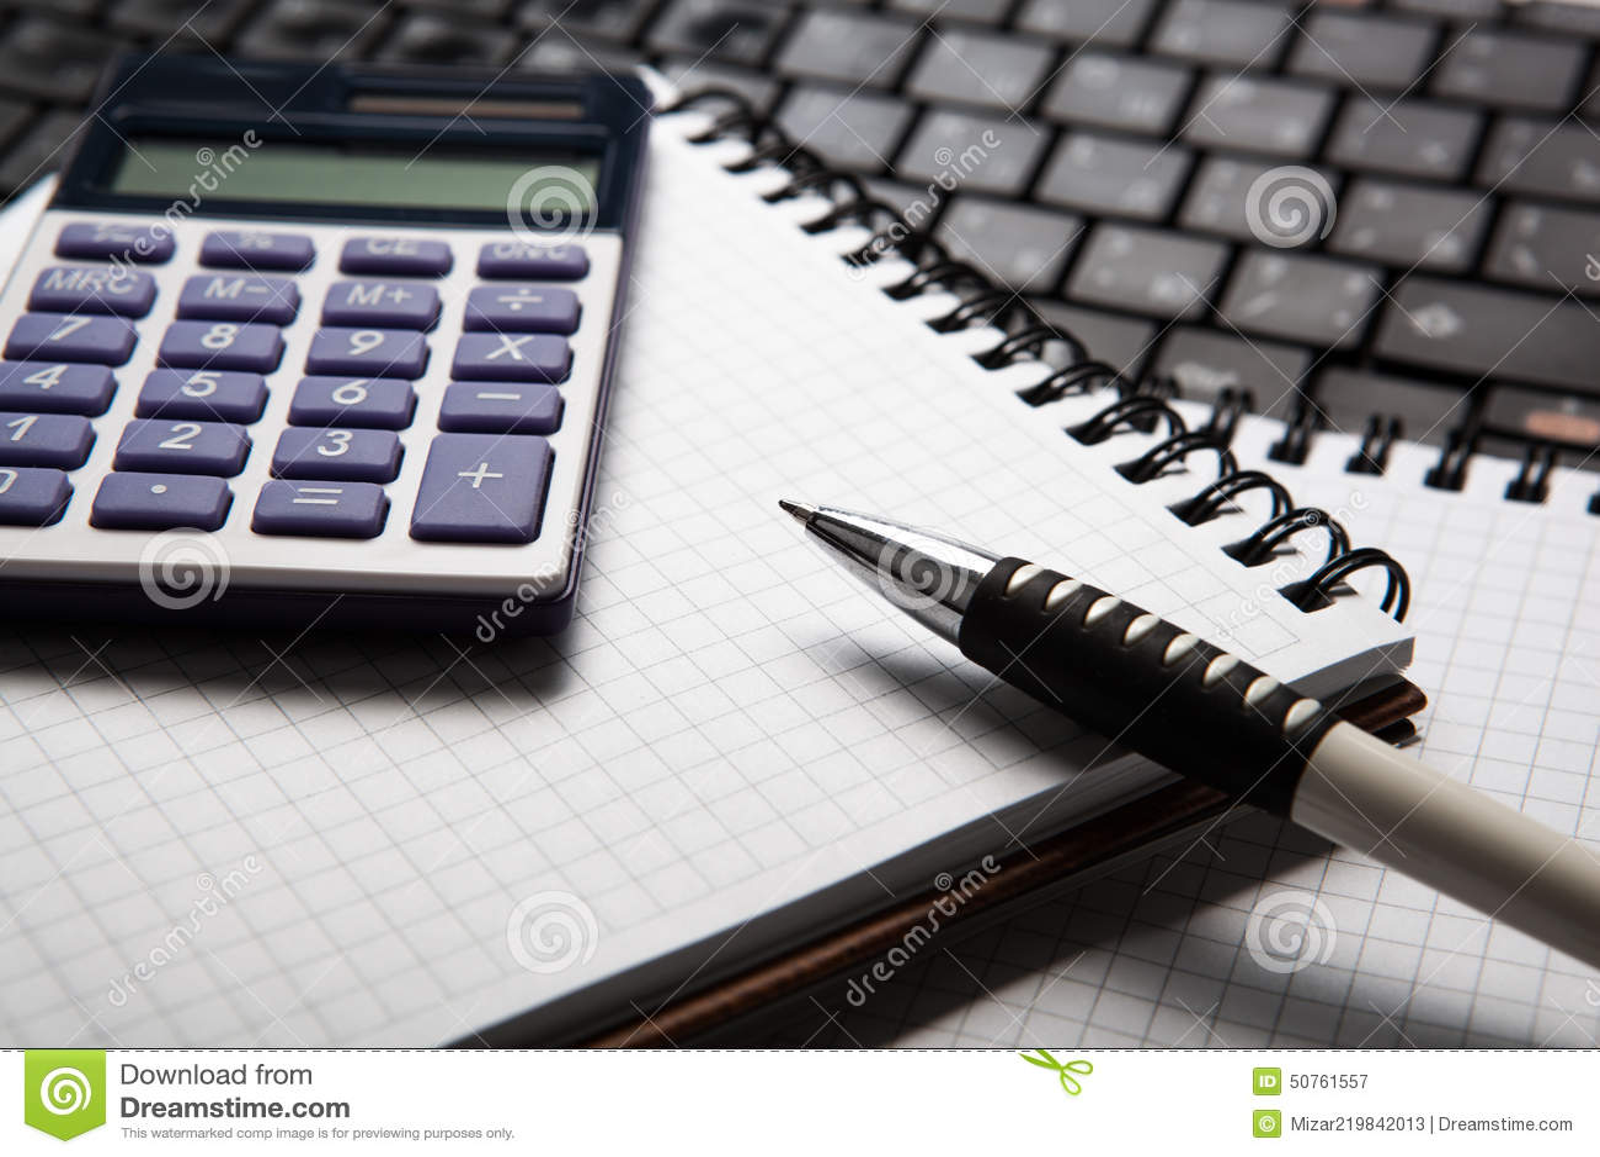 Pena com calculadora em um caderno e em um teclado